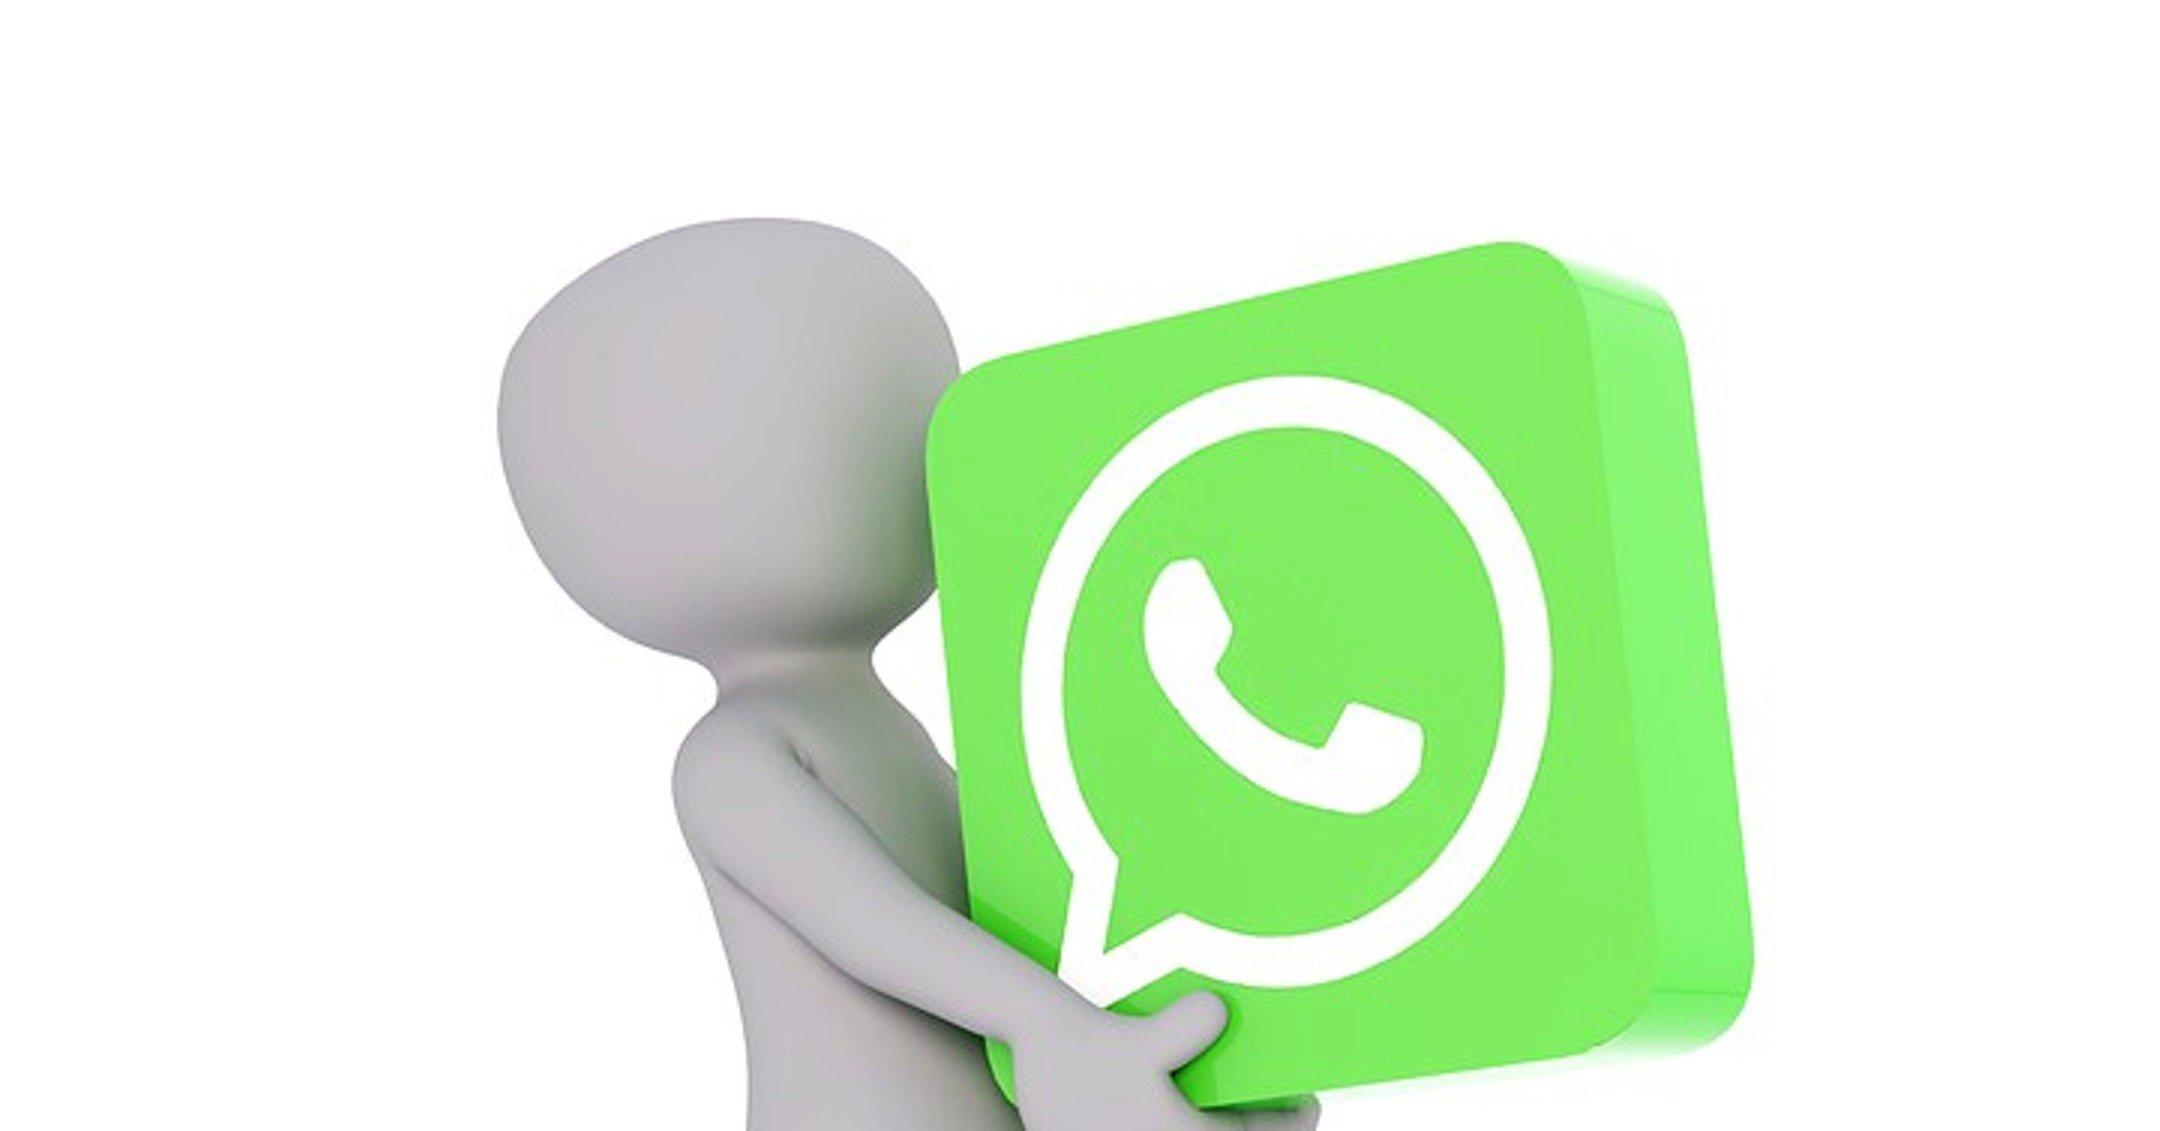 Whatsapp: chat cancellate da novembre 2018, come non perdere i dati